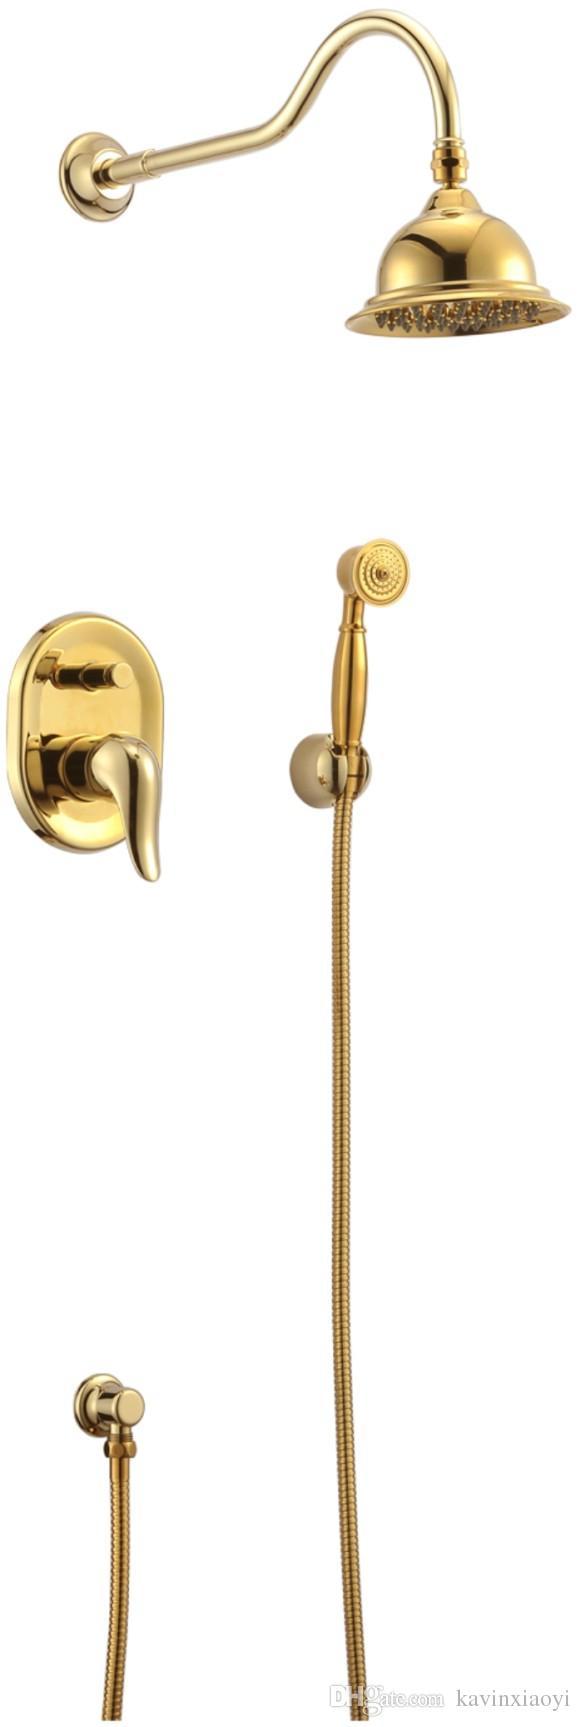 Versandkostenfrei poliert gold massiv messing wand duschwanne wasserhahn mxier wasserhahn